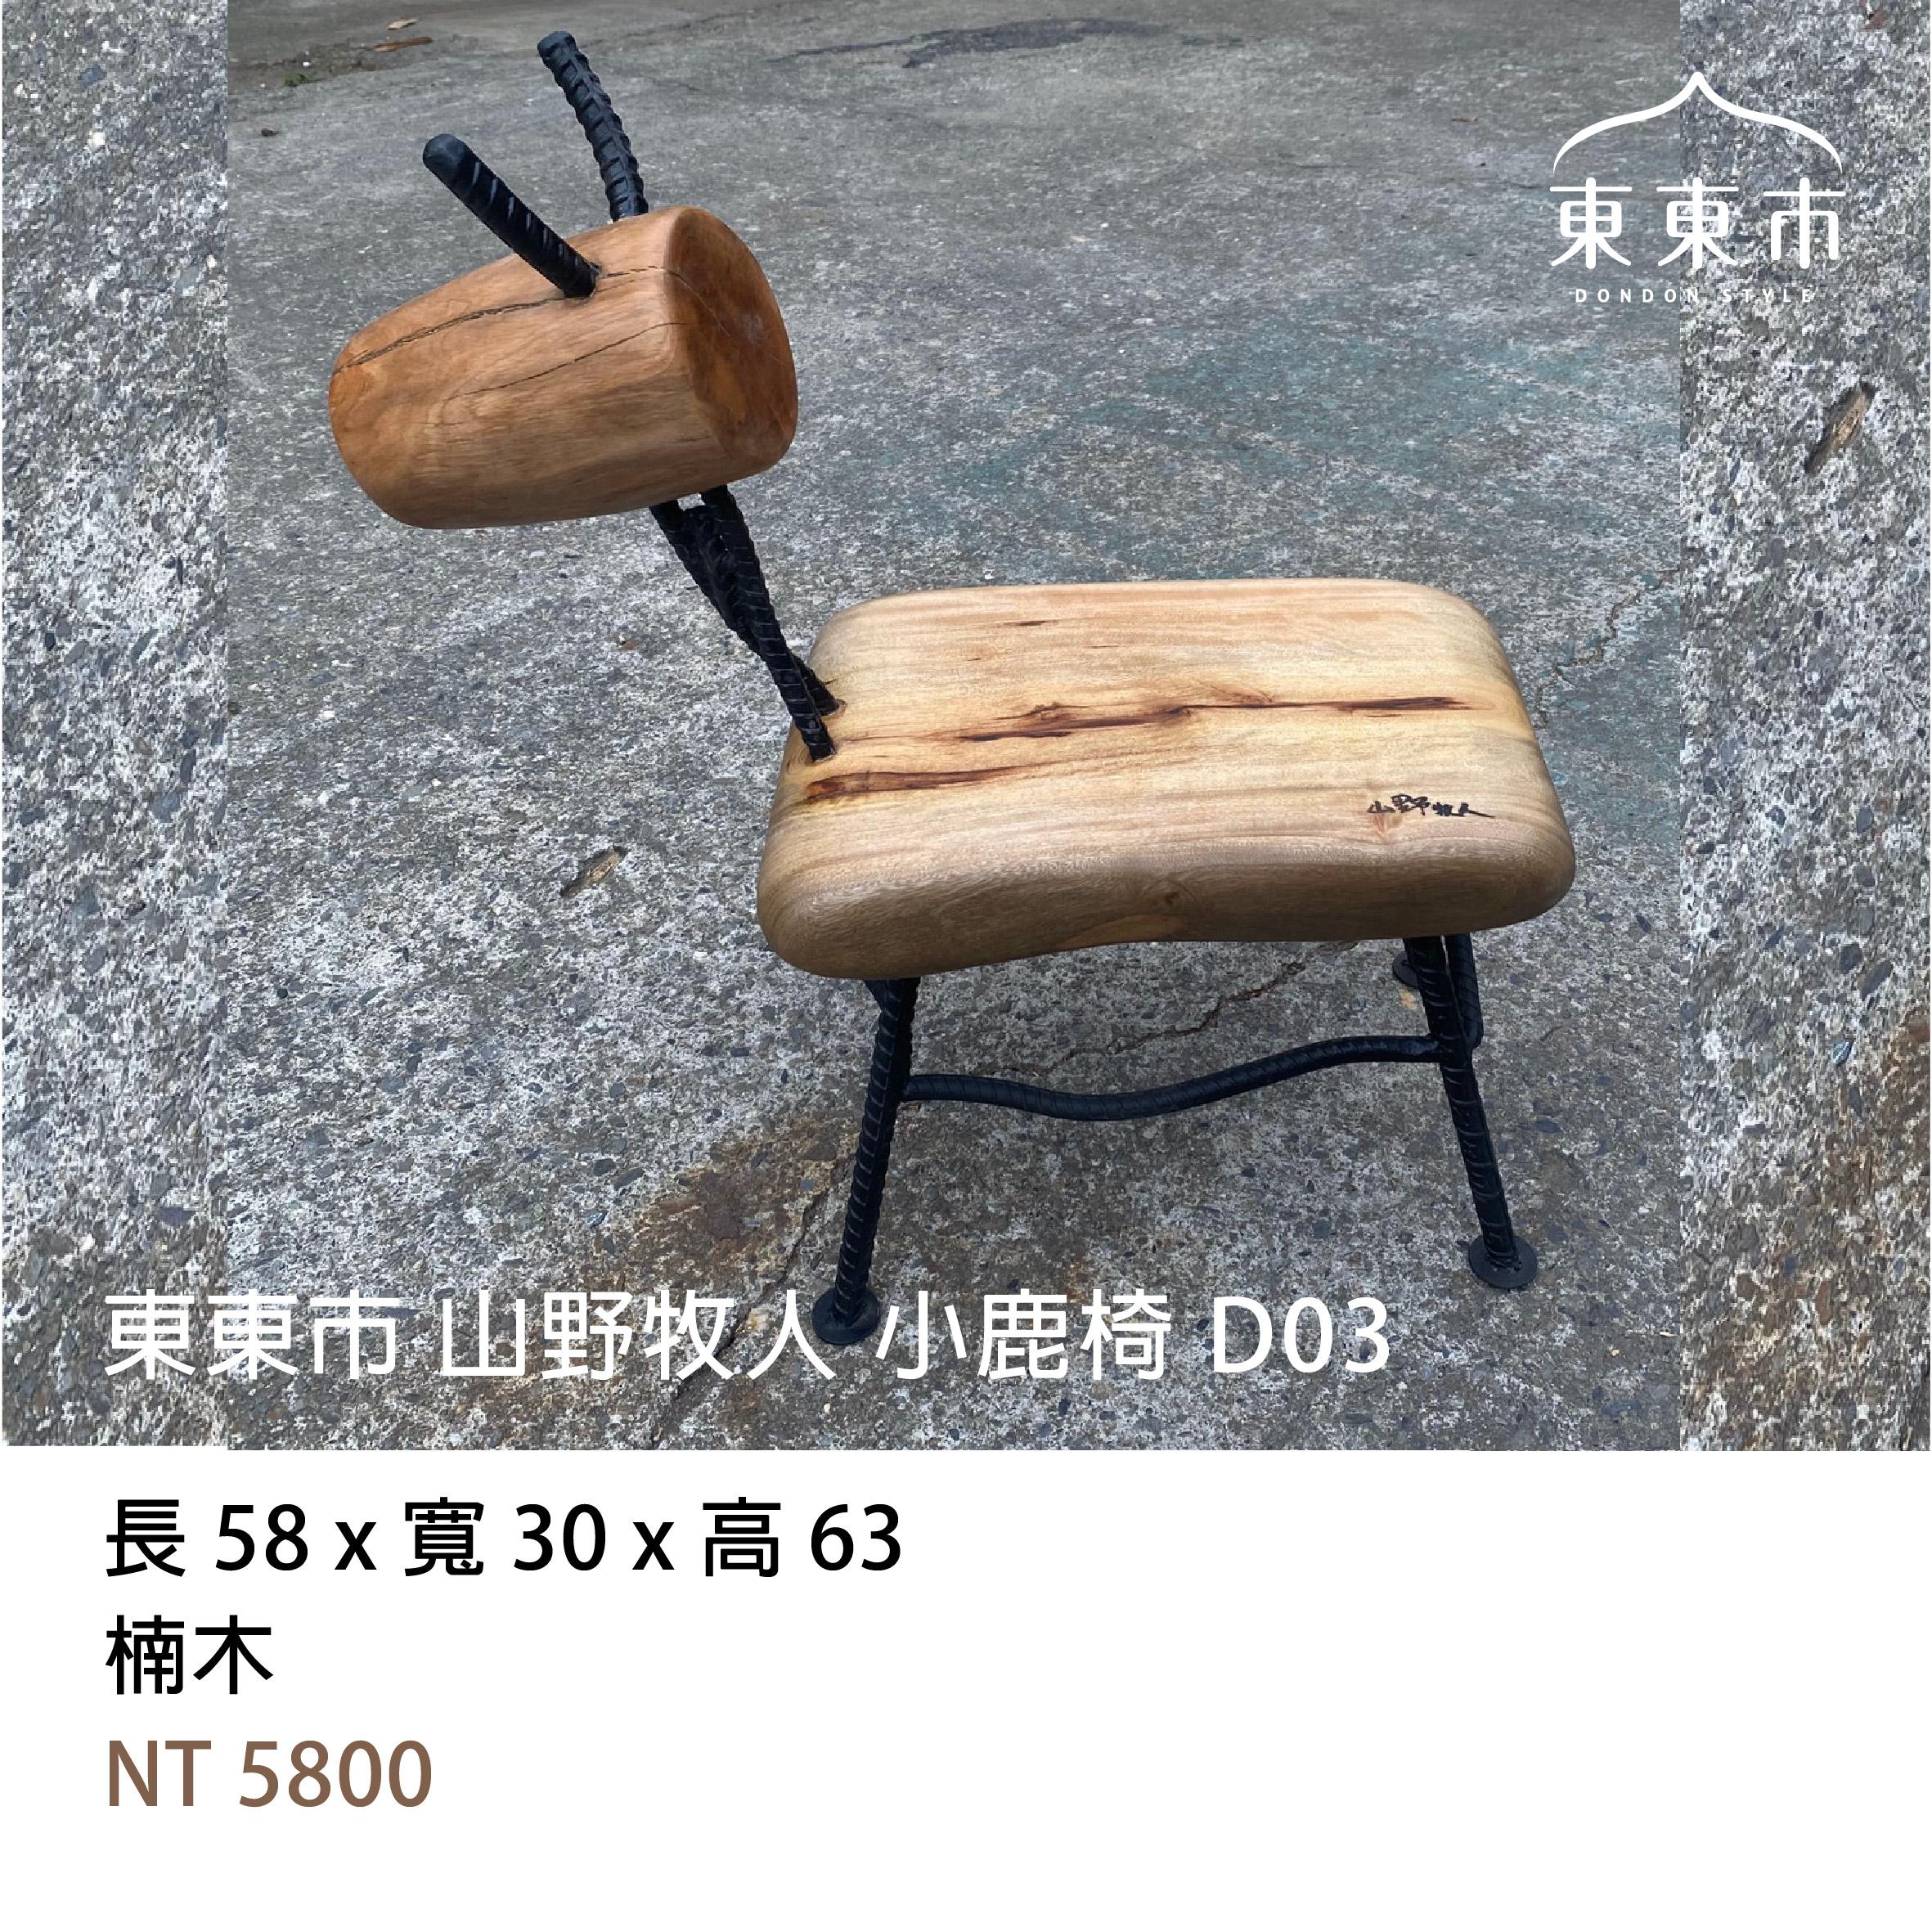 東東市 山野牧人 小鹿椅D系列-03.jpg